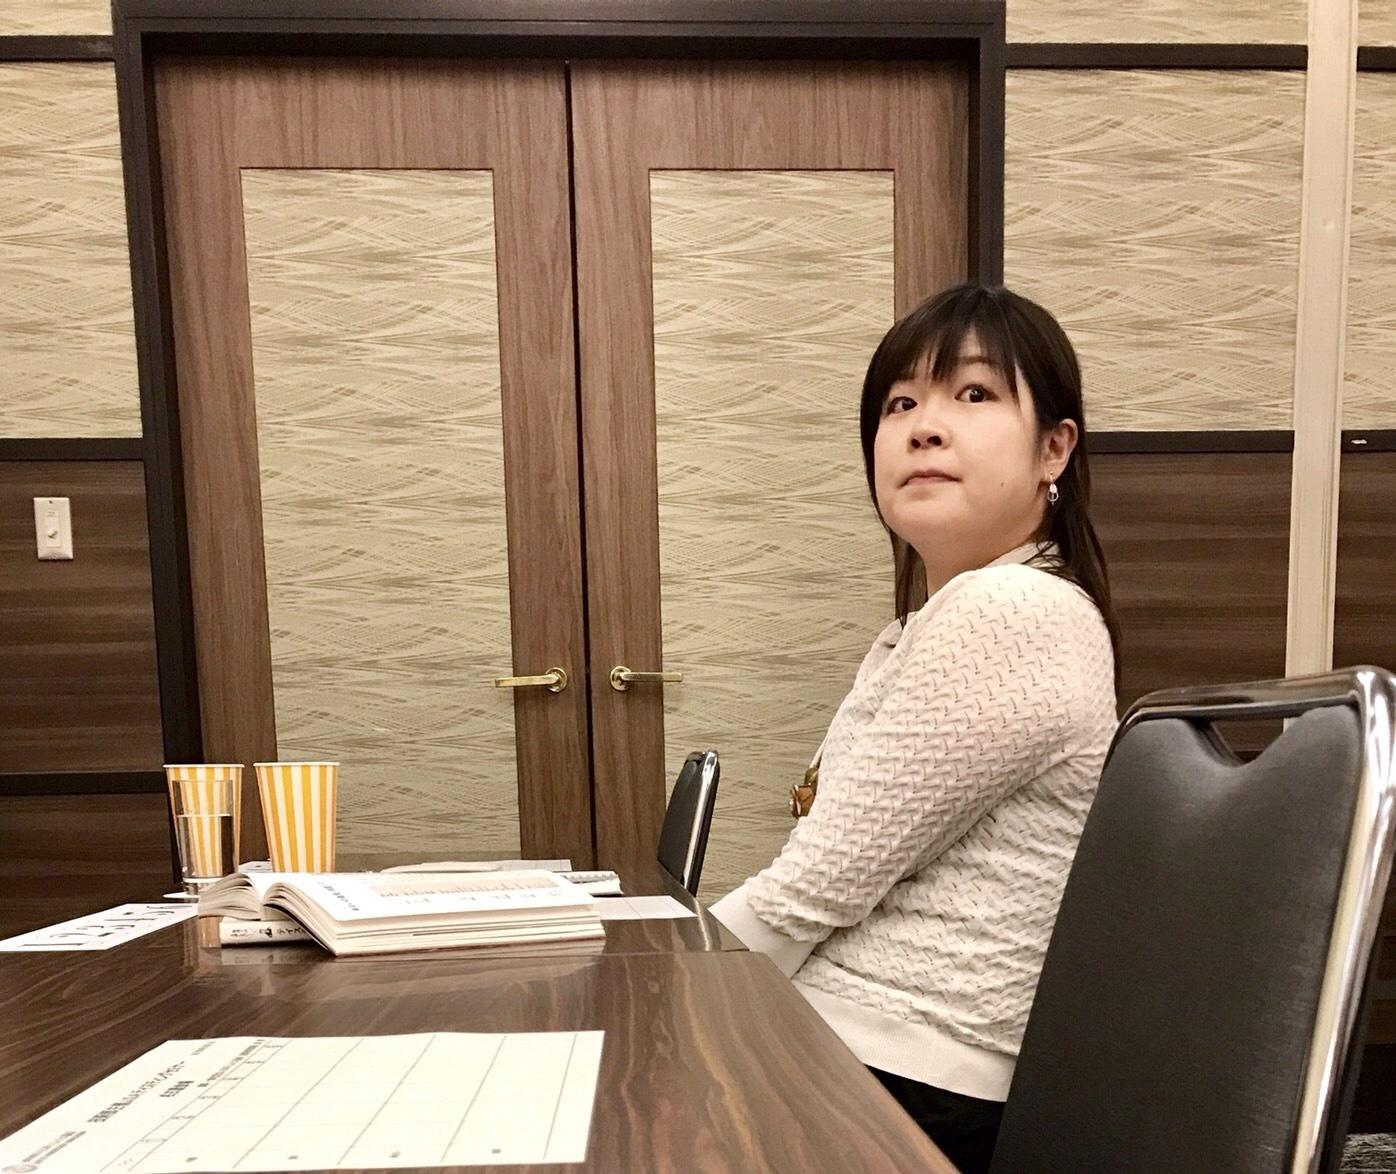 名古屋へ出張勉強会!_e0092612_17512447.jpg